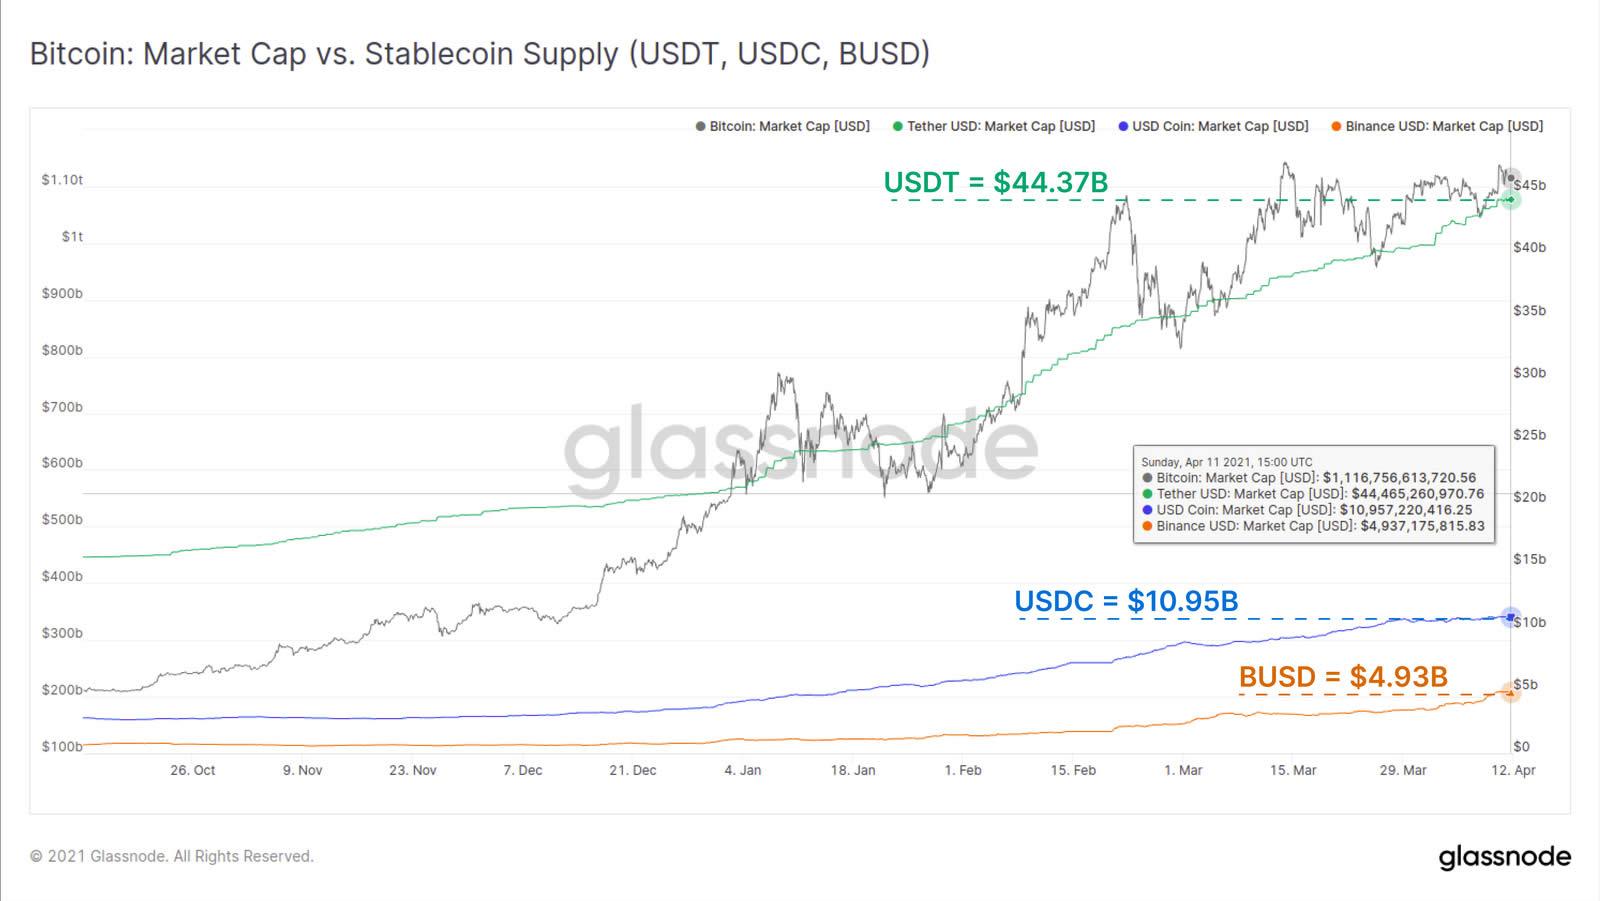 Market cap di Bitcoin vs. supply delle stablecoin. Fonte: Glassnode